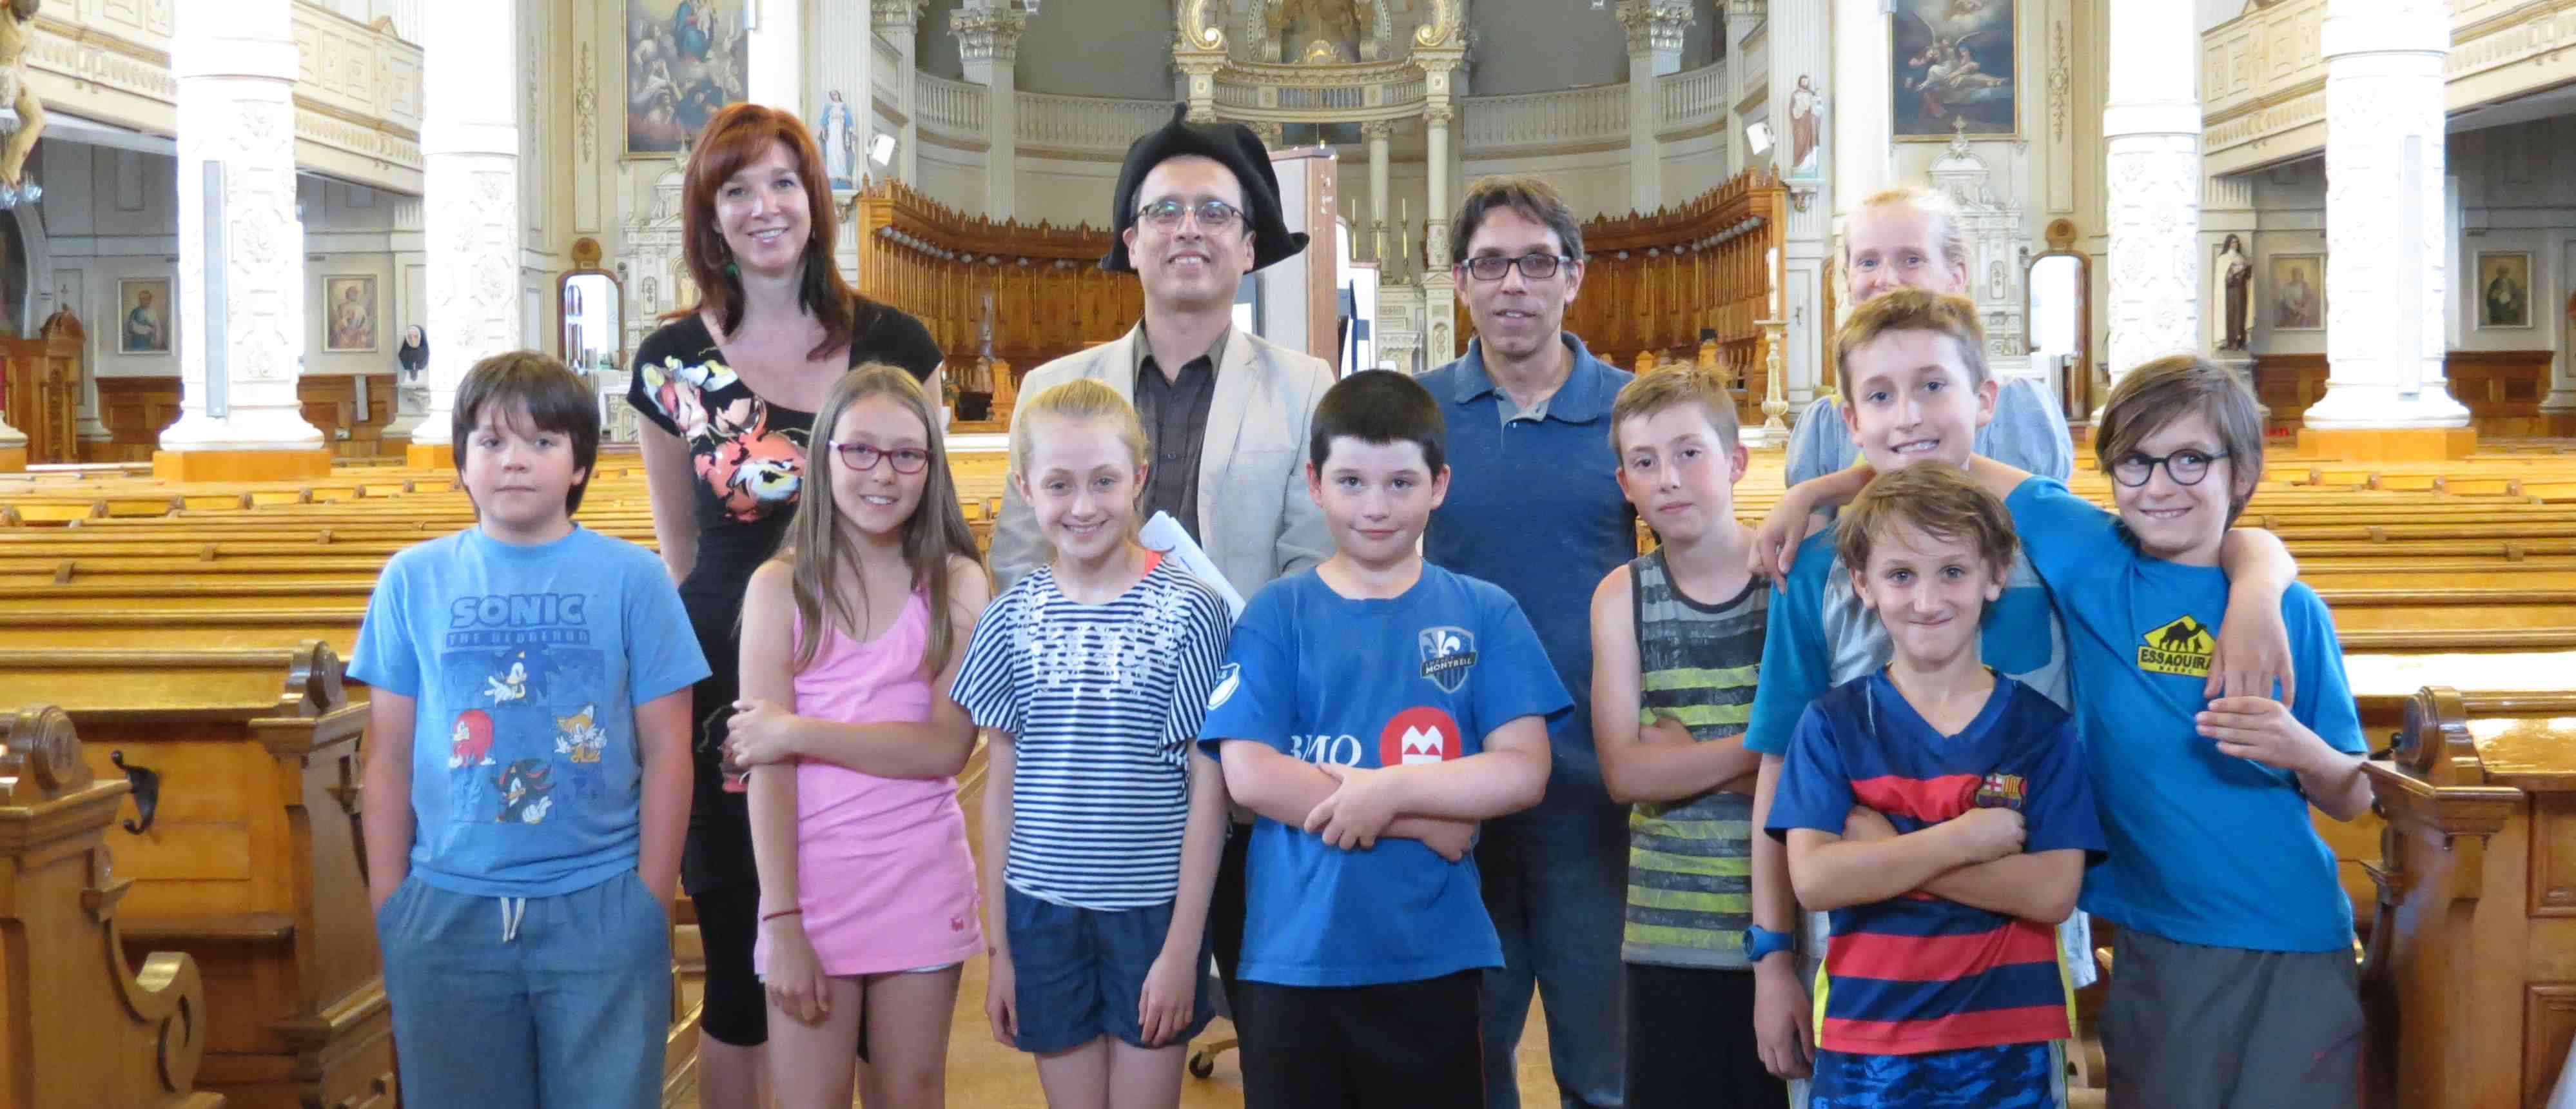 projet Identité et patrimoine, vernissage, écoles primaire Saint-Louis-de-France